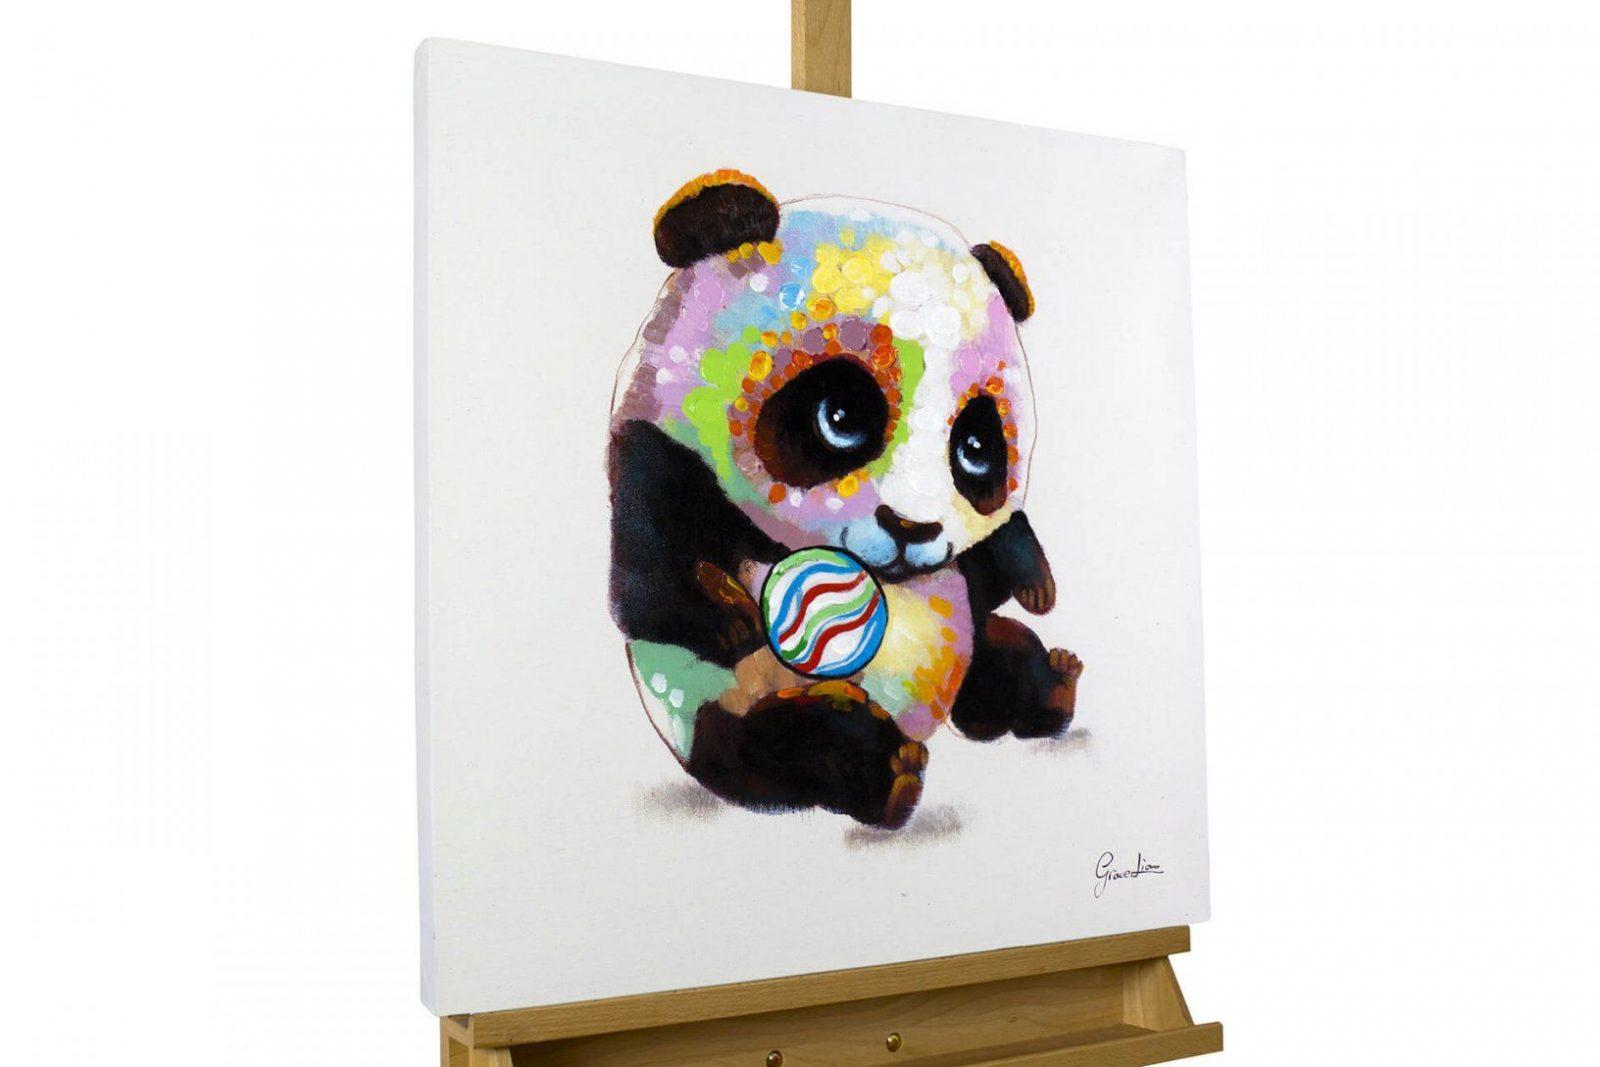 Modernes Acrylgemälde Mit Süßem Pandabär  Kunstloft von Leinwandbilder Selbst Gemalt Modern Photo